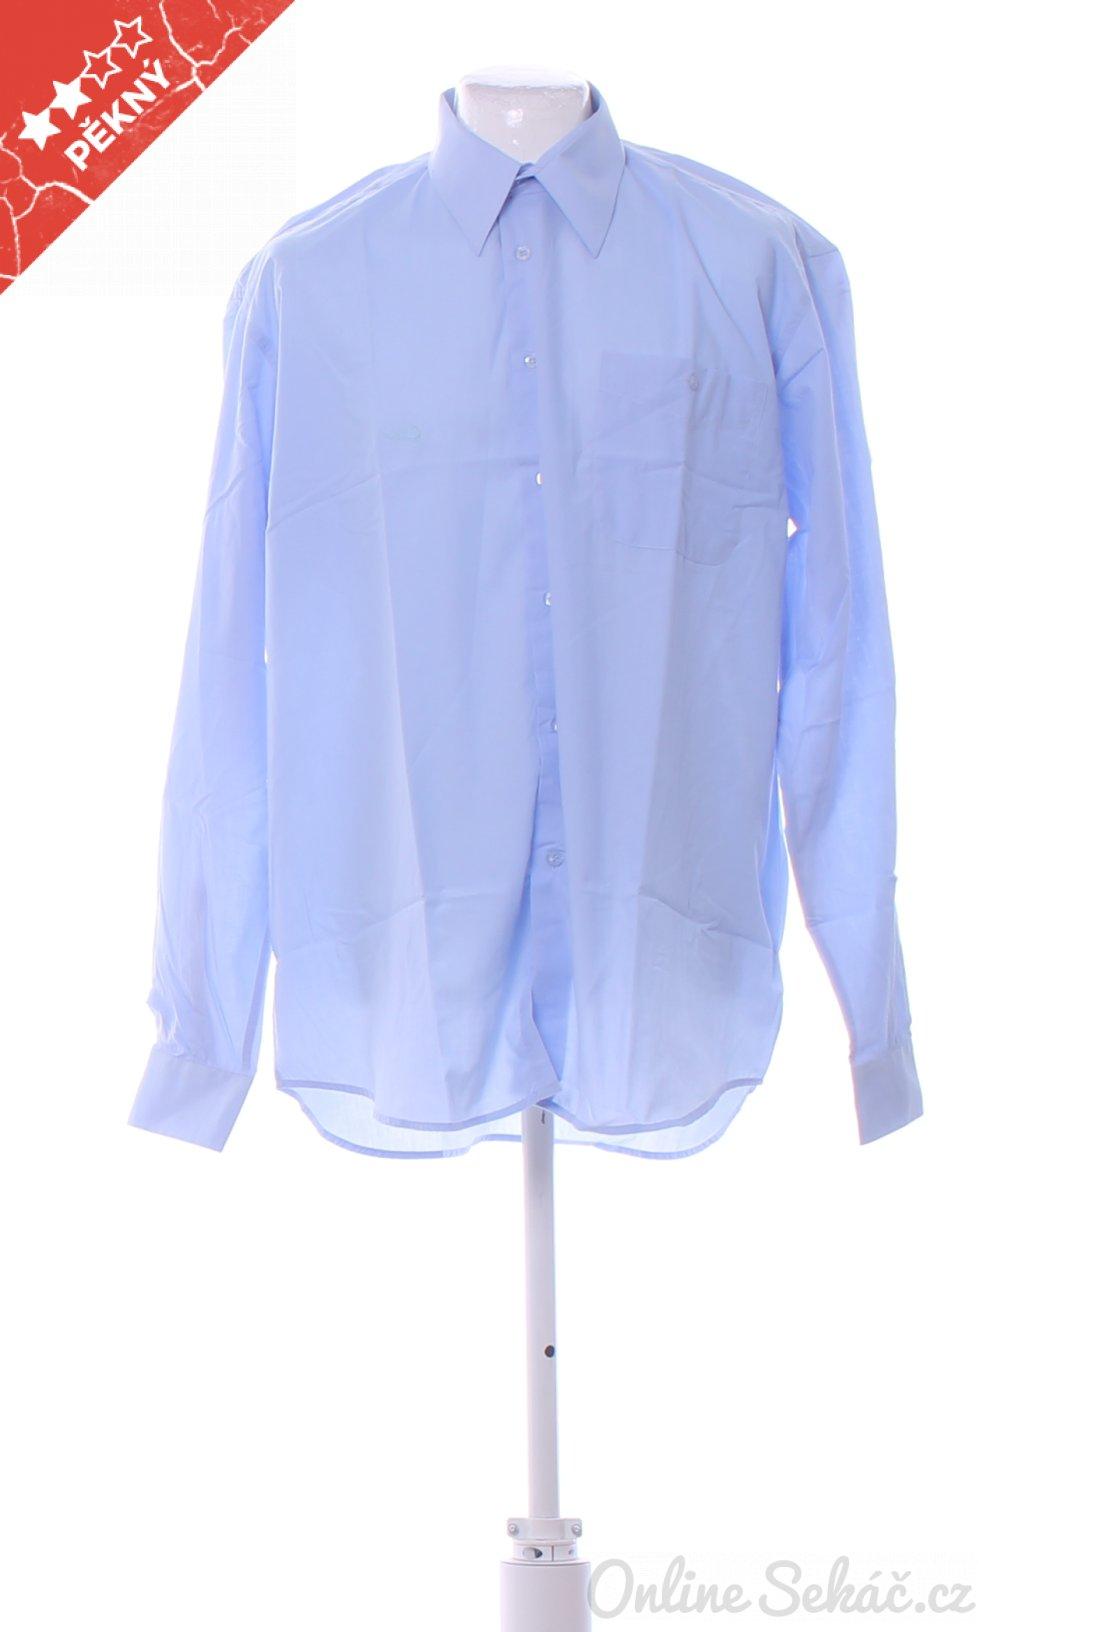 Pánská společenská košile KENLA XXL b1bc49ab87